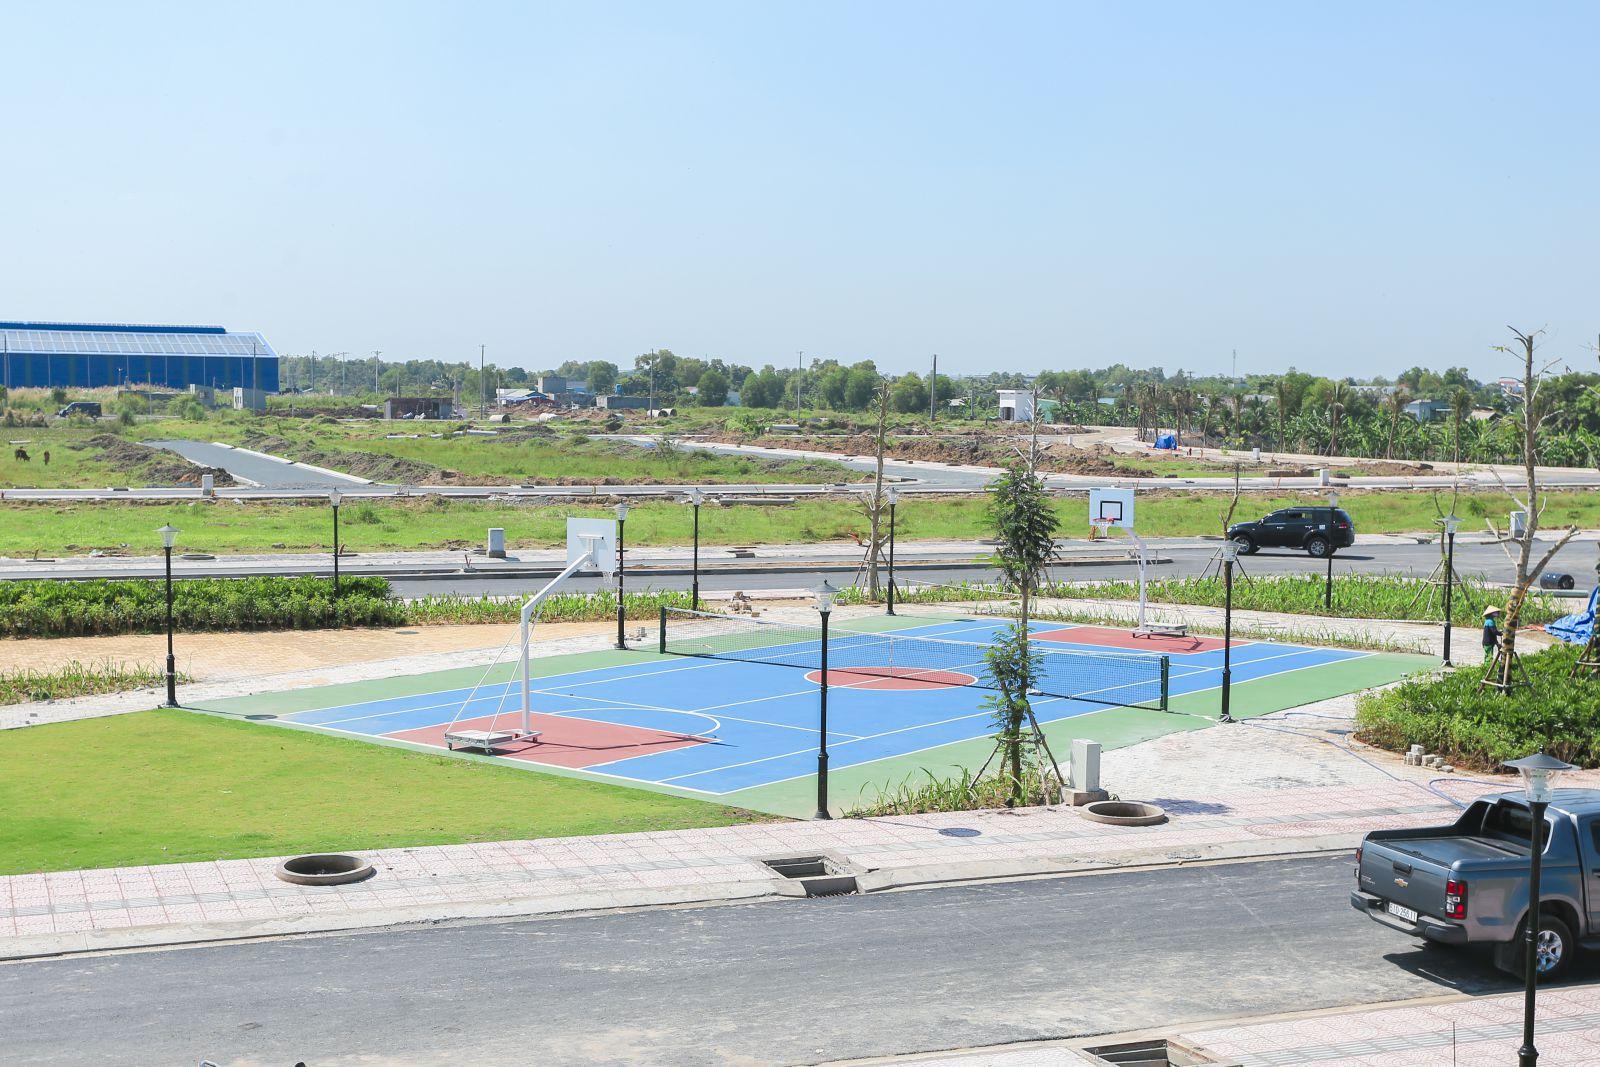 The Sol City - dự án đáng chờ đợi nhất quý 4/2020